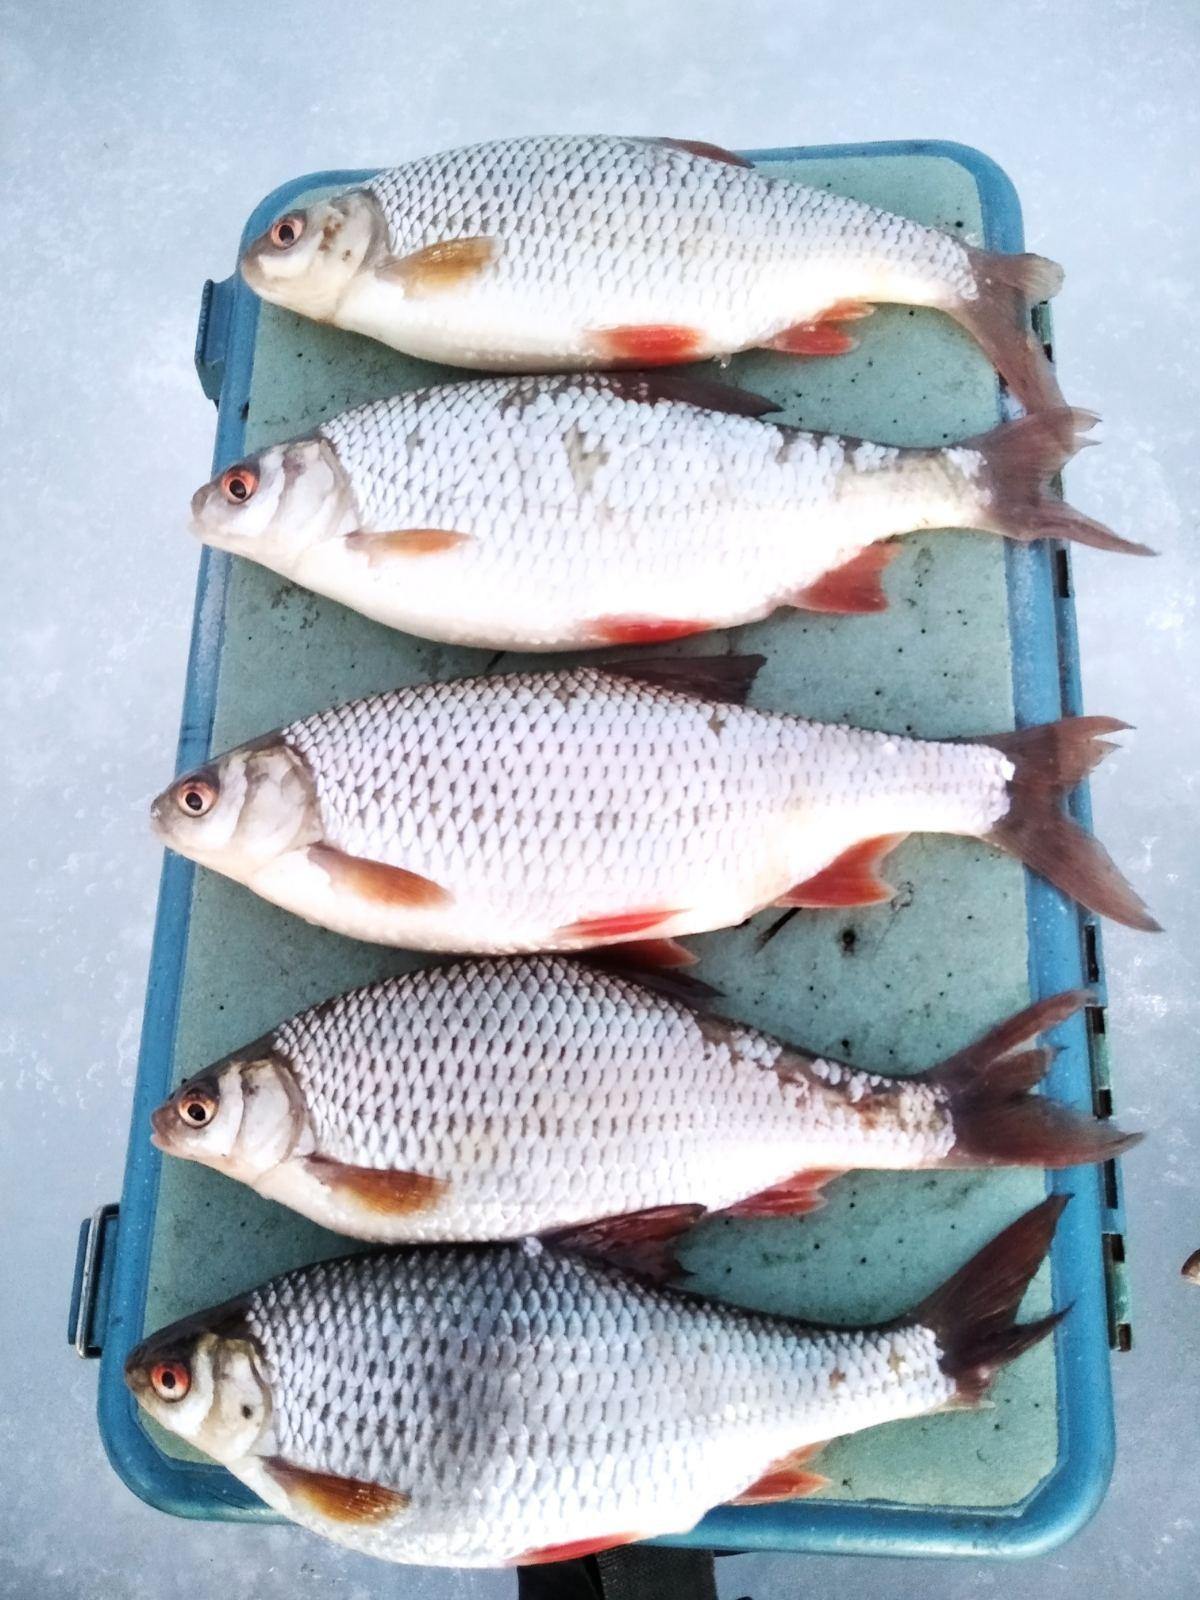 За полдня малехо наковырял. За матерой плотвой приходится ...   Отчеты о рыбалке в Беларуси